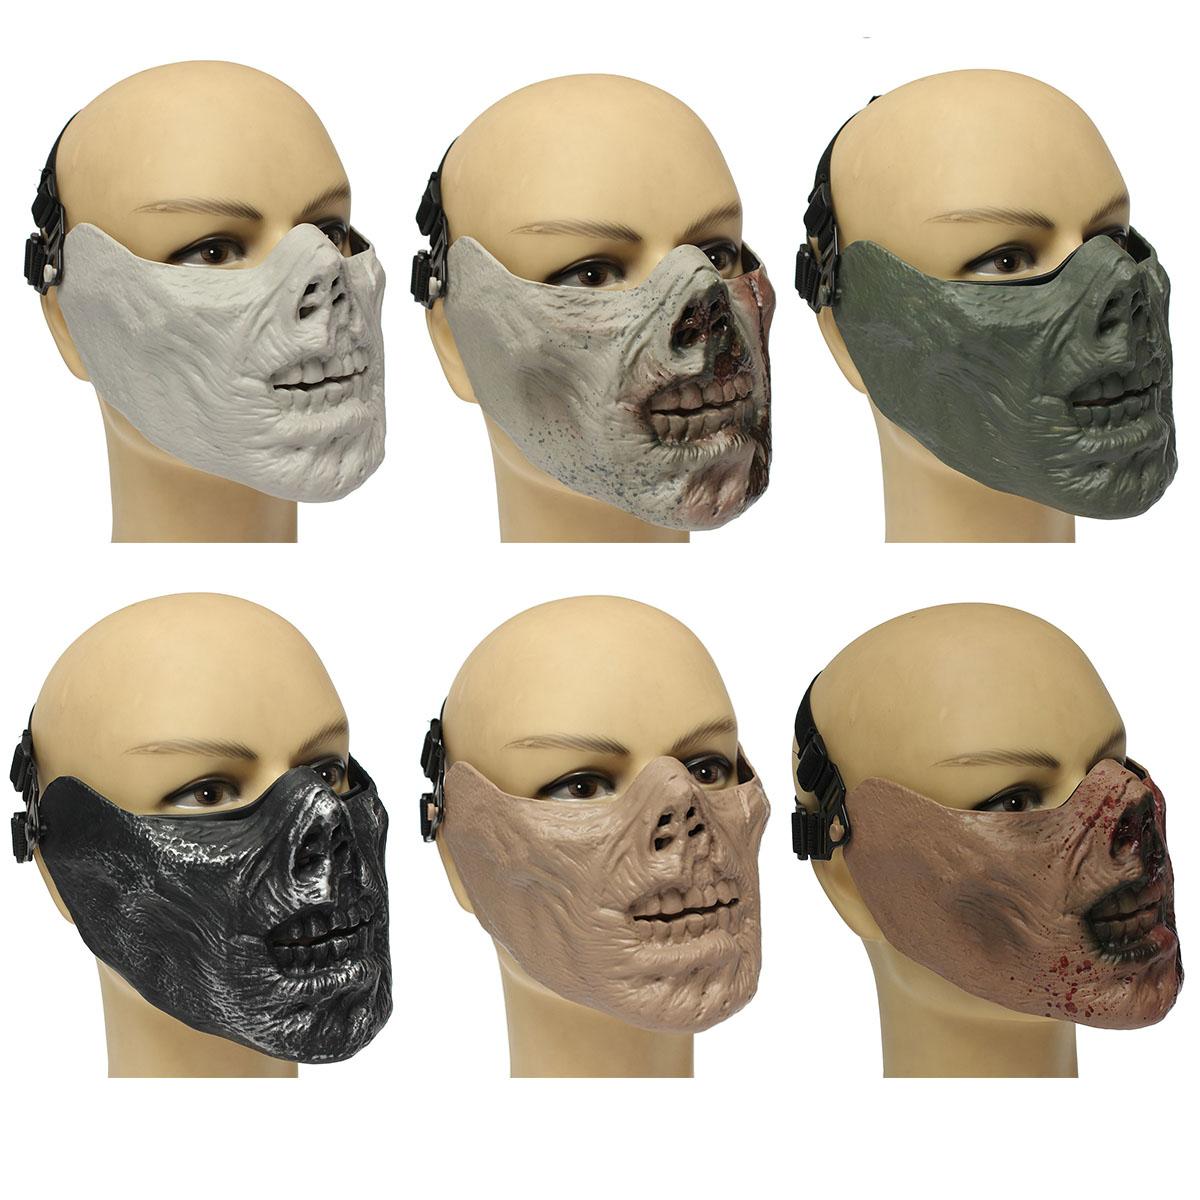 Masque demi visage squelette cr ne zombie militaire - Poids d un metre cube de sable ...